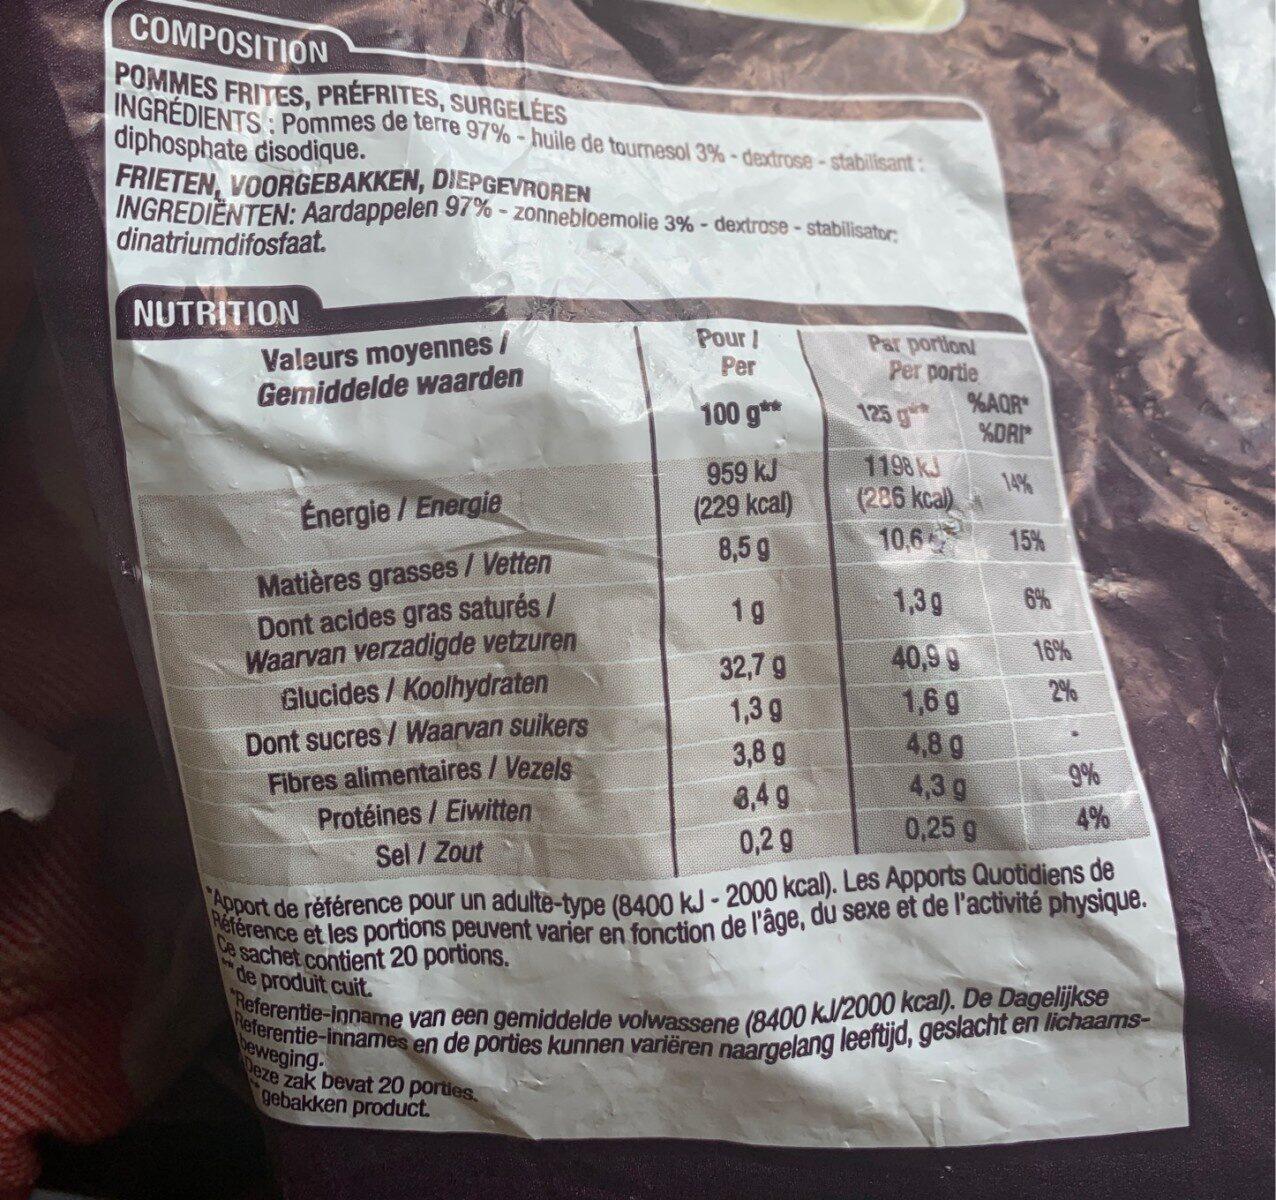 Frites Classiques, 2, 5 Kilos, Marque Cora - Informations nutritionnelles - fr